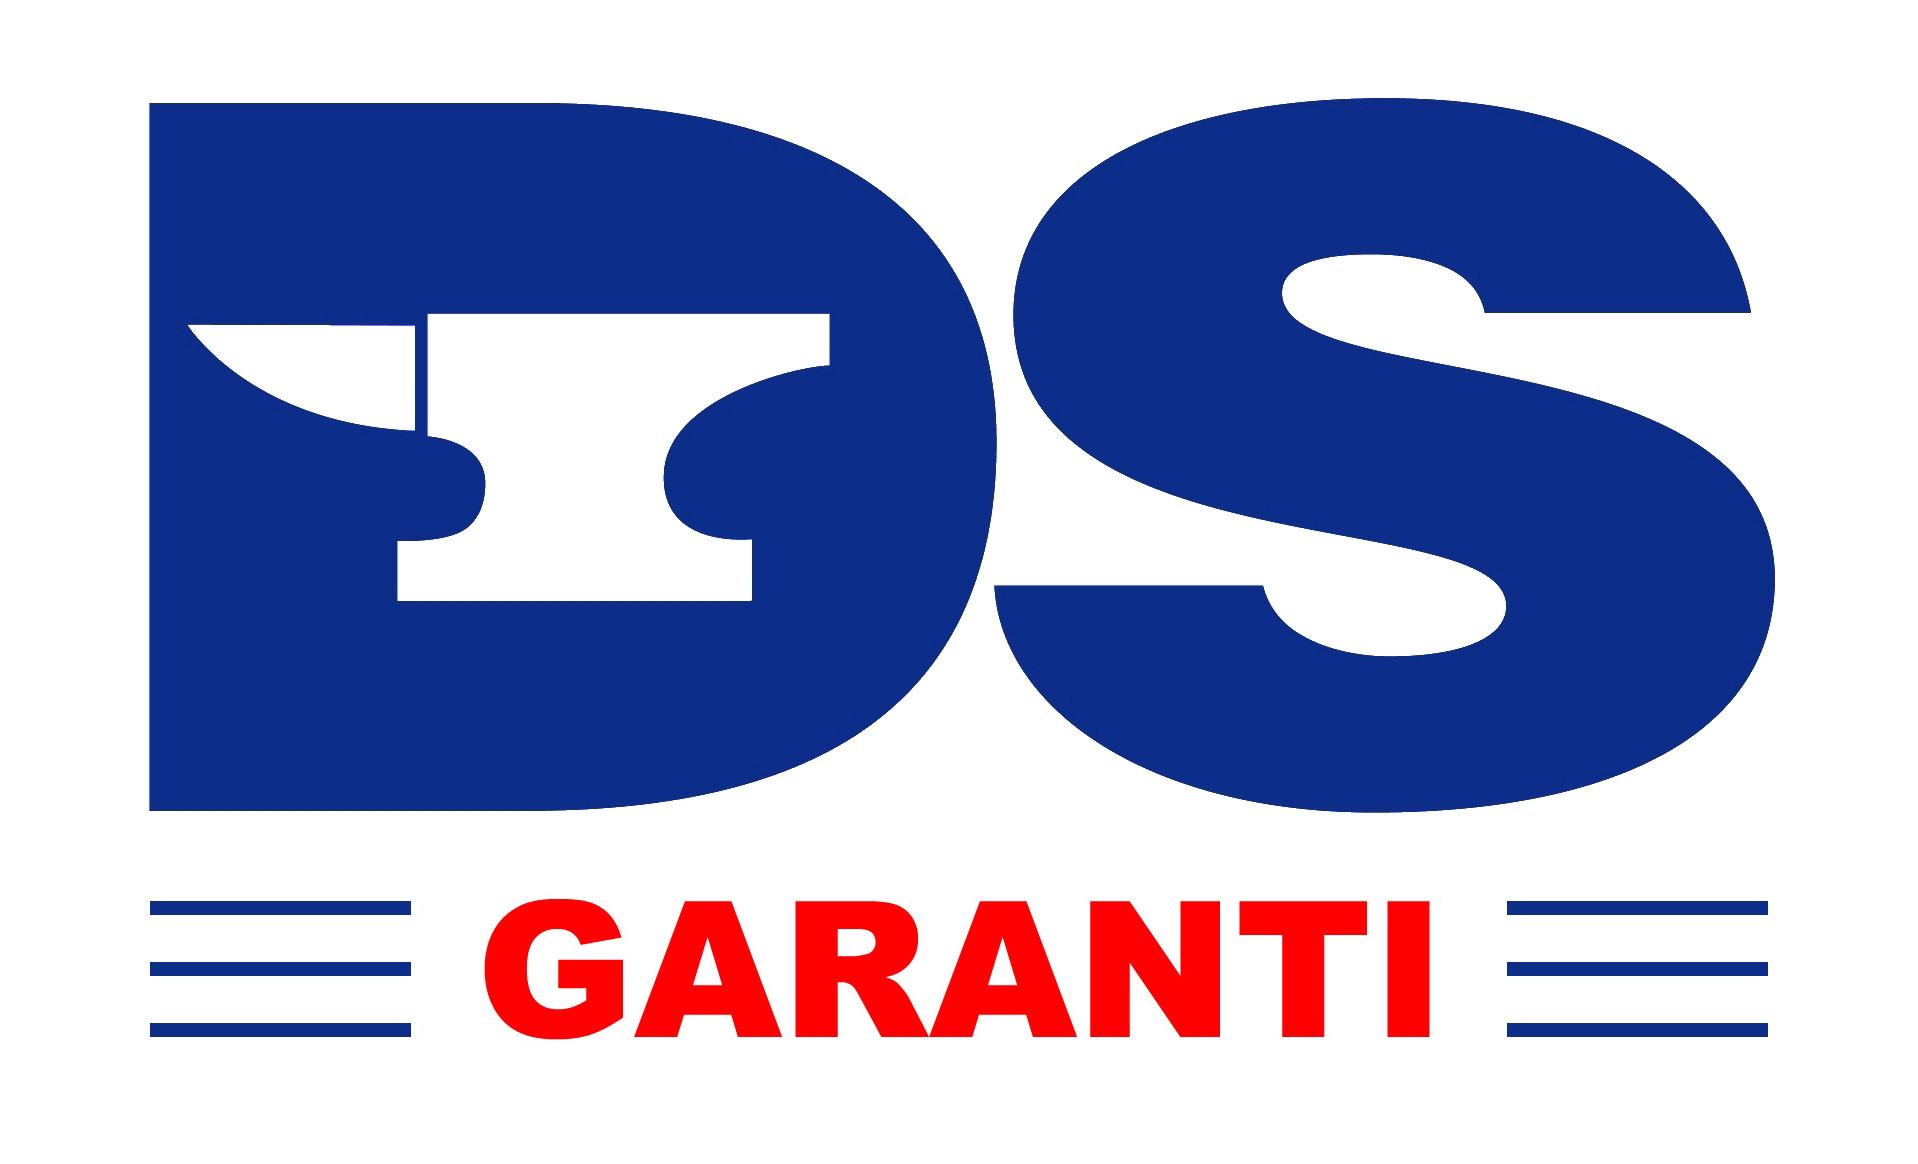 DS garanti_0.jpg